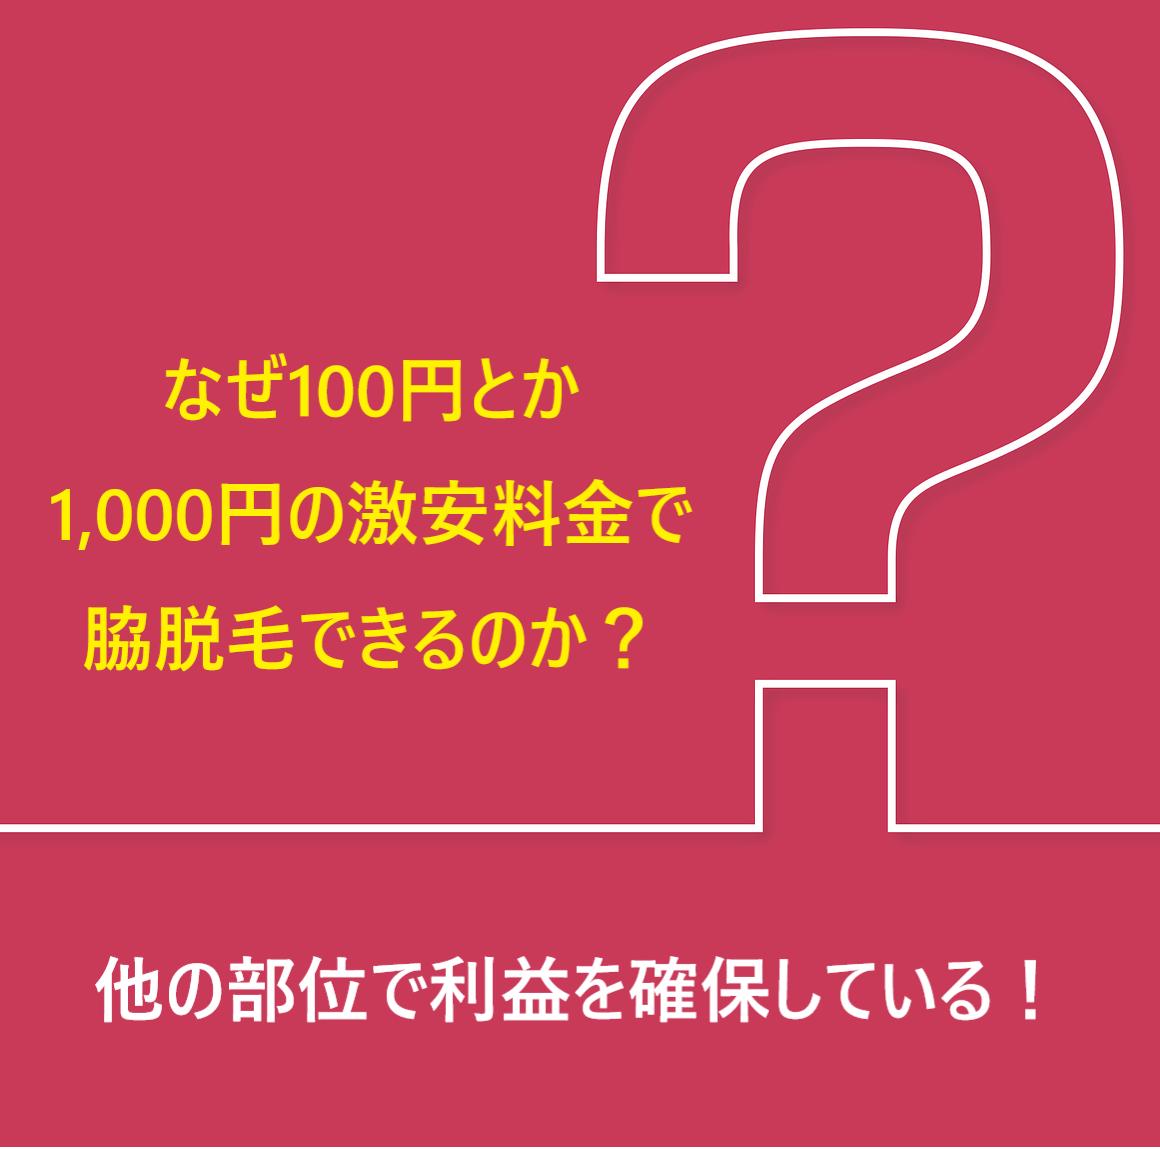 なぜ100円とか1,000円の激安料金で脇脱毛できるのか?答えは他の部位で利益を確保しているからとクエスチョンマークがある画像に書かれている画像